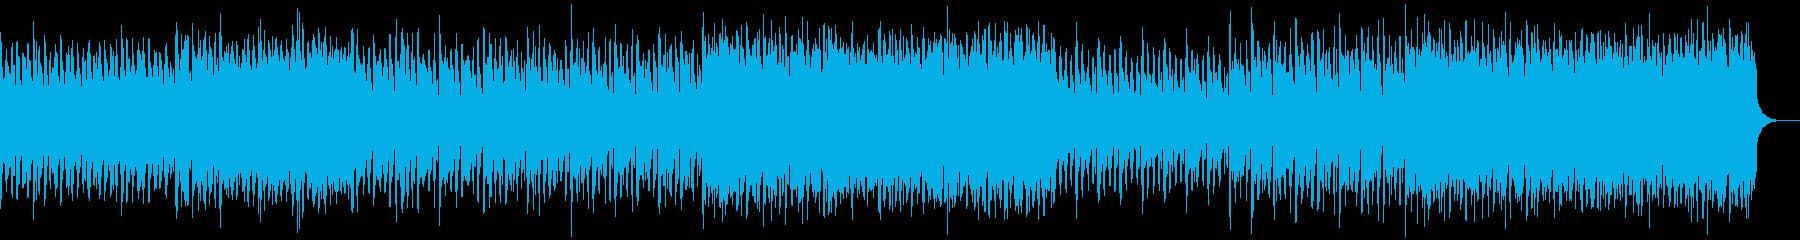 お洒落な映像やCM/ジャズピアノハウス1の再生済みの波形